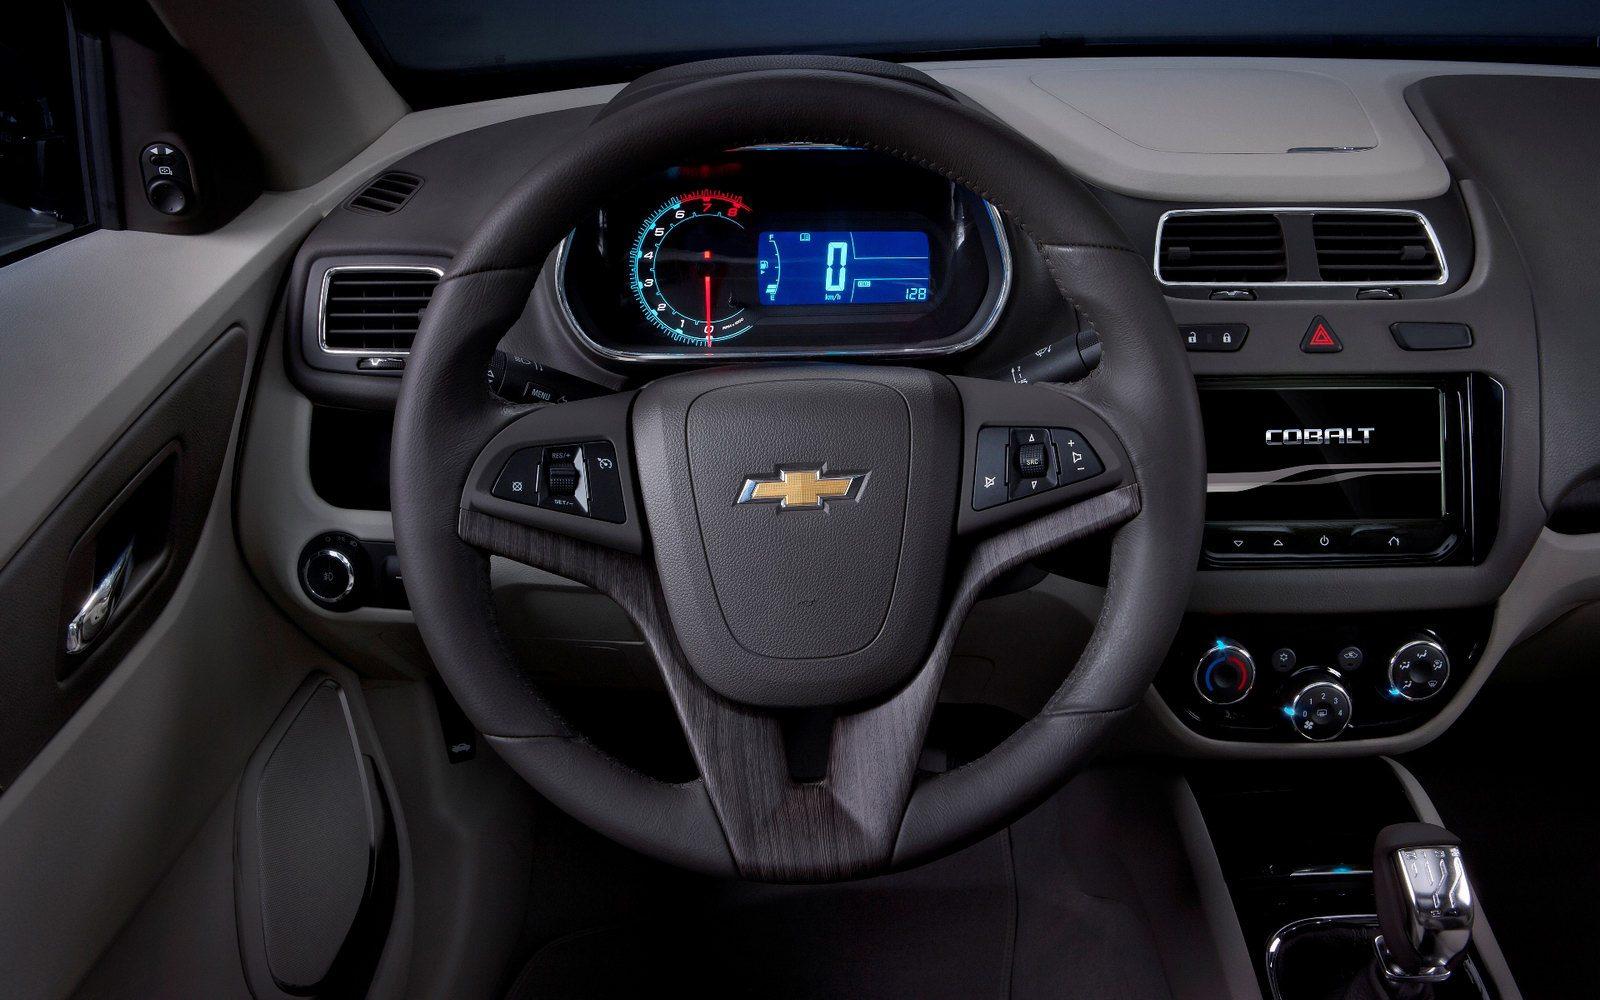 Chevrolet-Cobalt-Concept_13